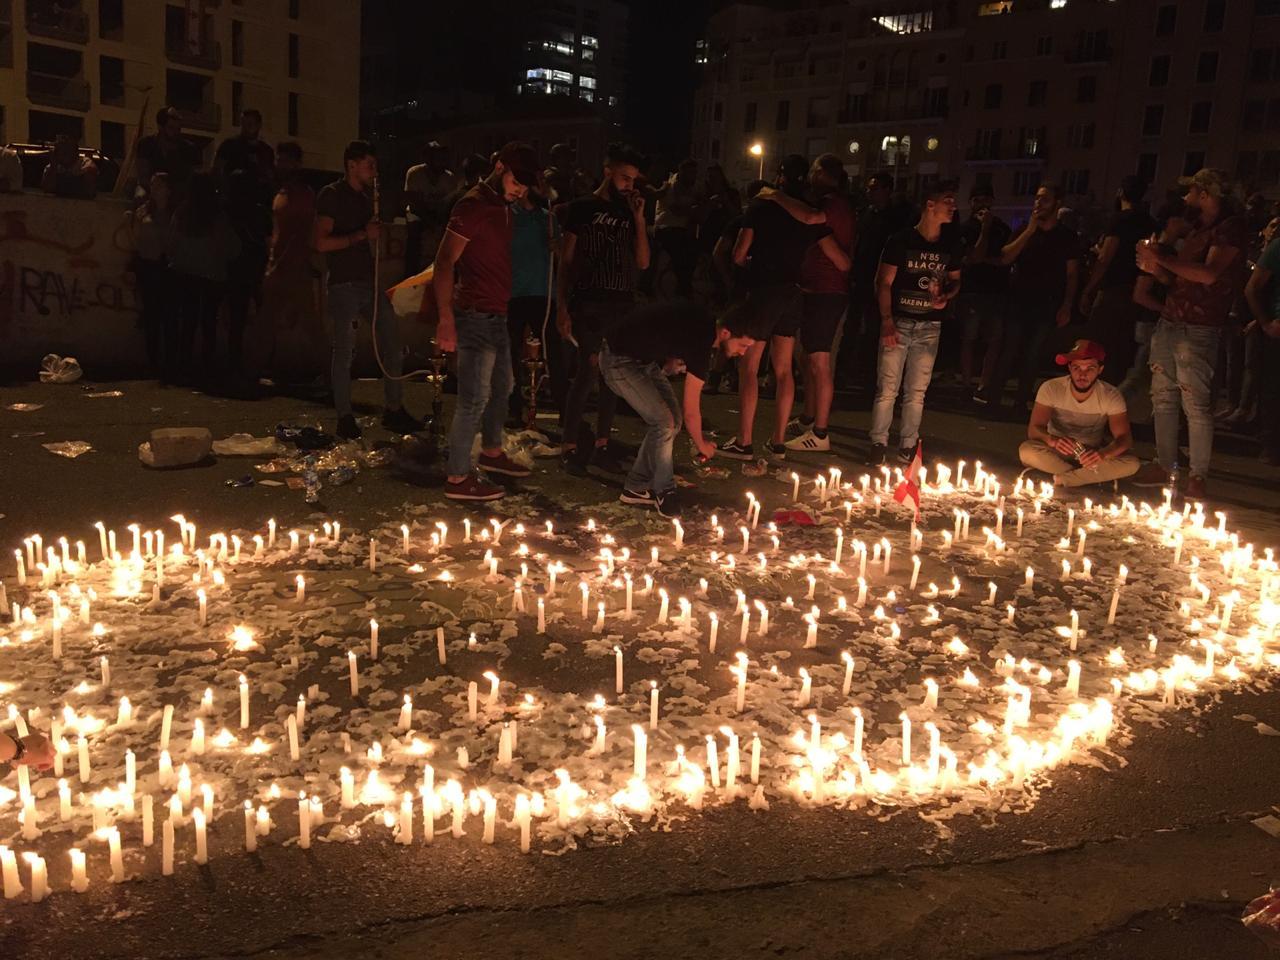 3 شهداء وعشرات الجرحى بعد 6 أيام من التظاهرات: أمن للحماية أم للقمع؟